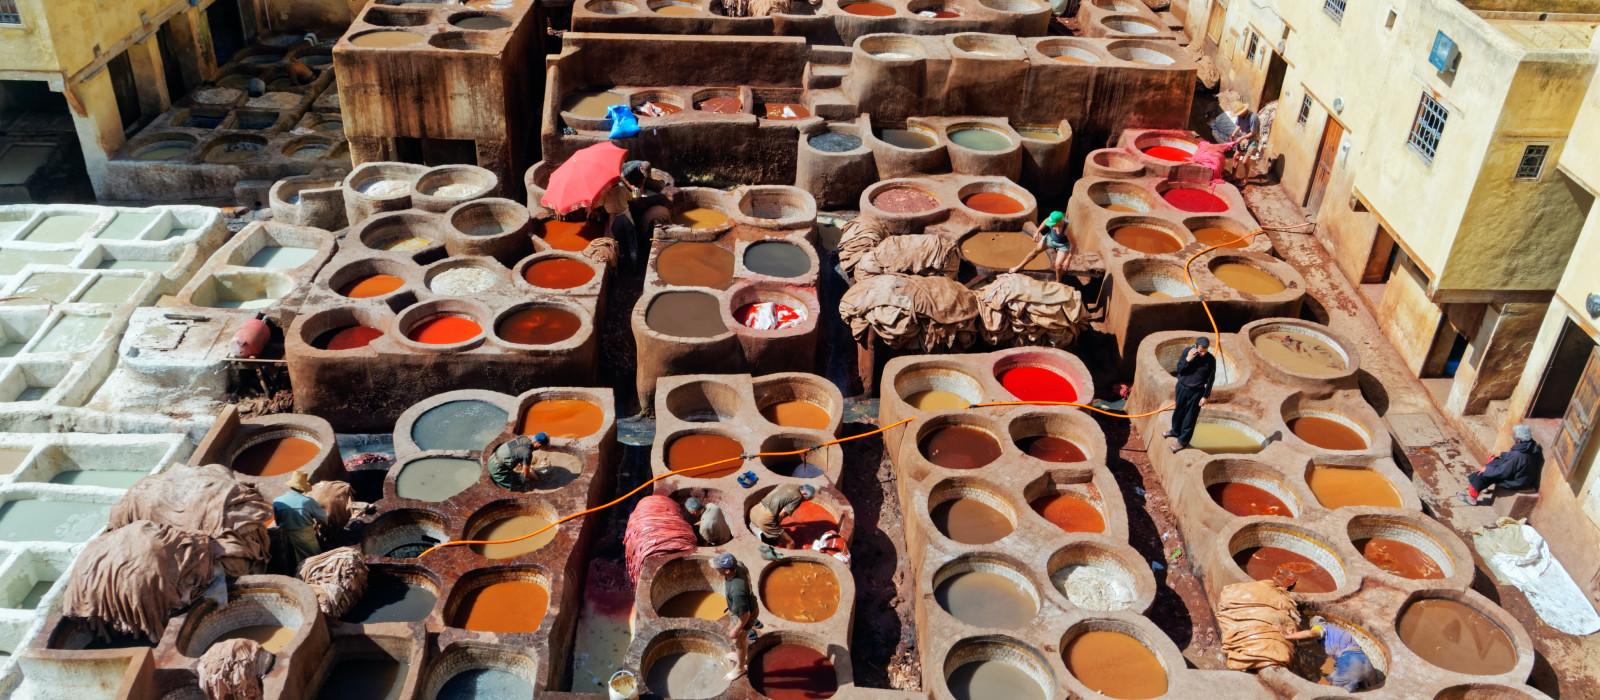 Marokkos Norden: Historische Städte & Abenteuer in der Sahara Urlaub 1